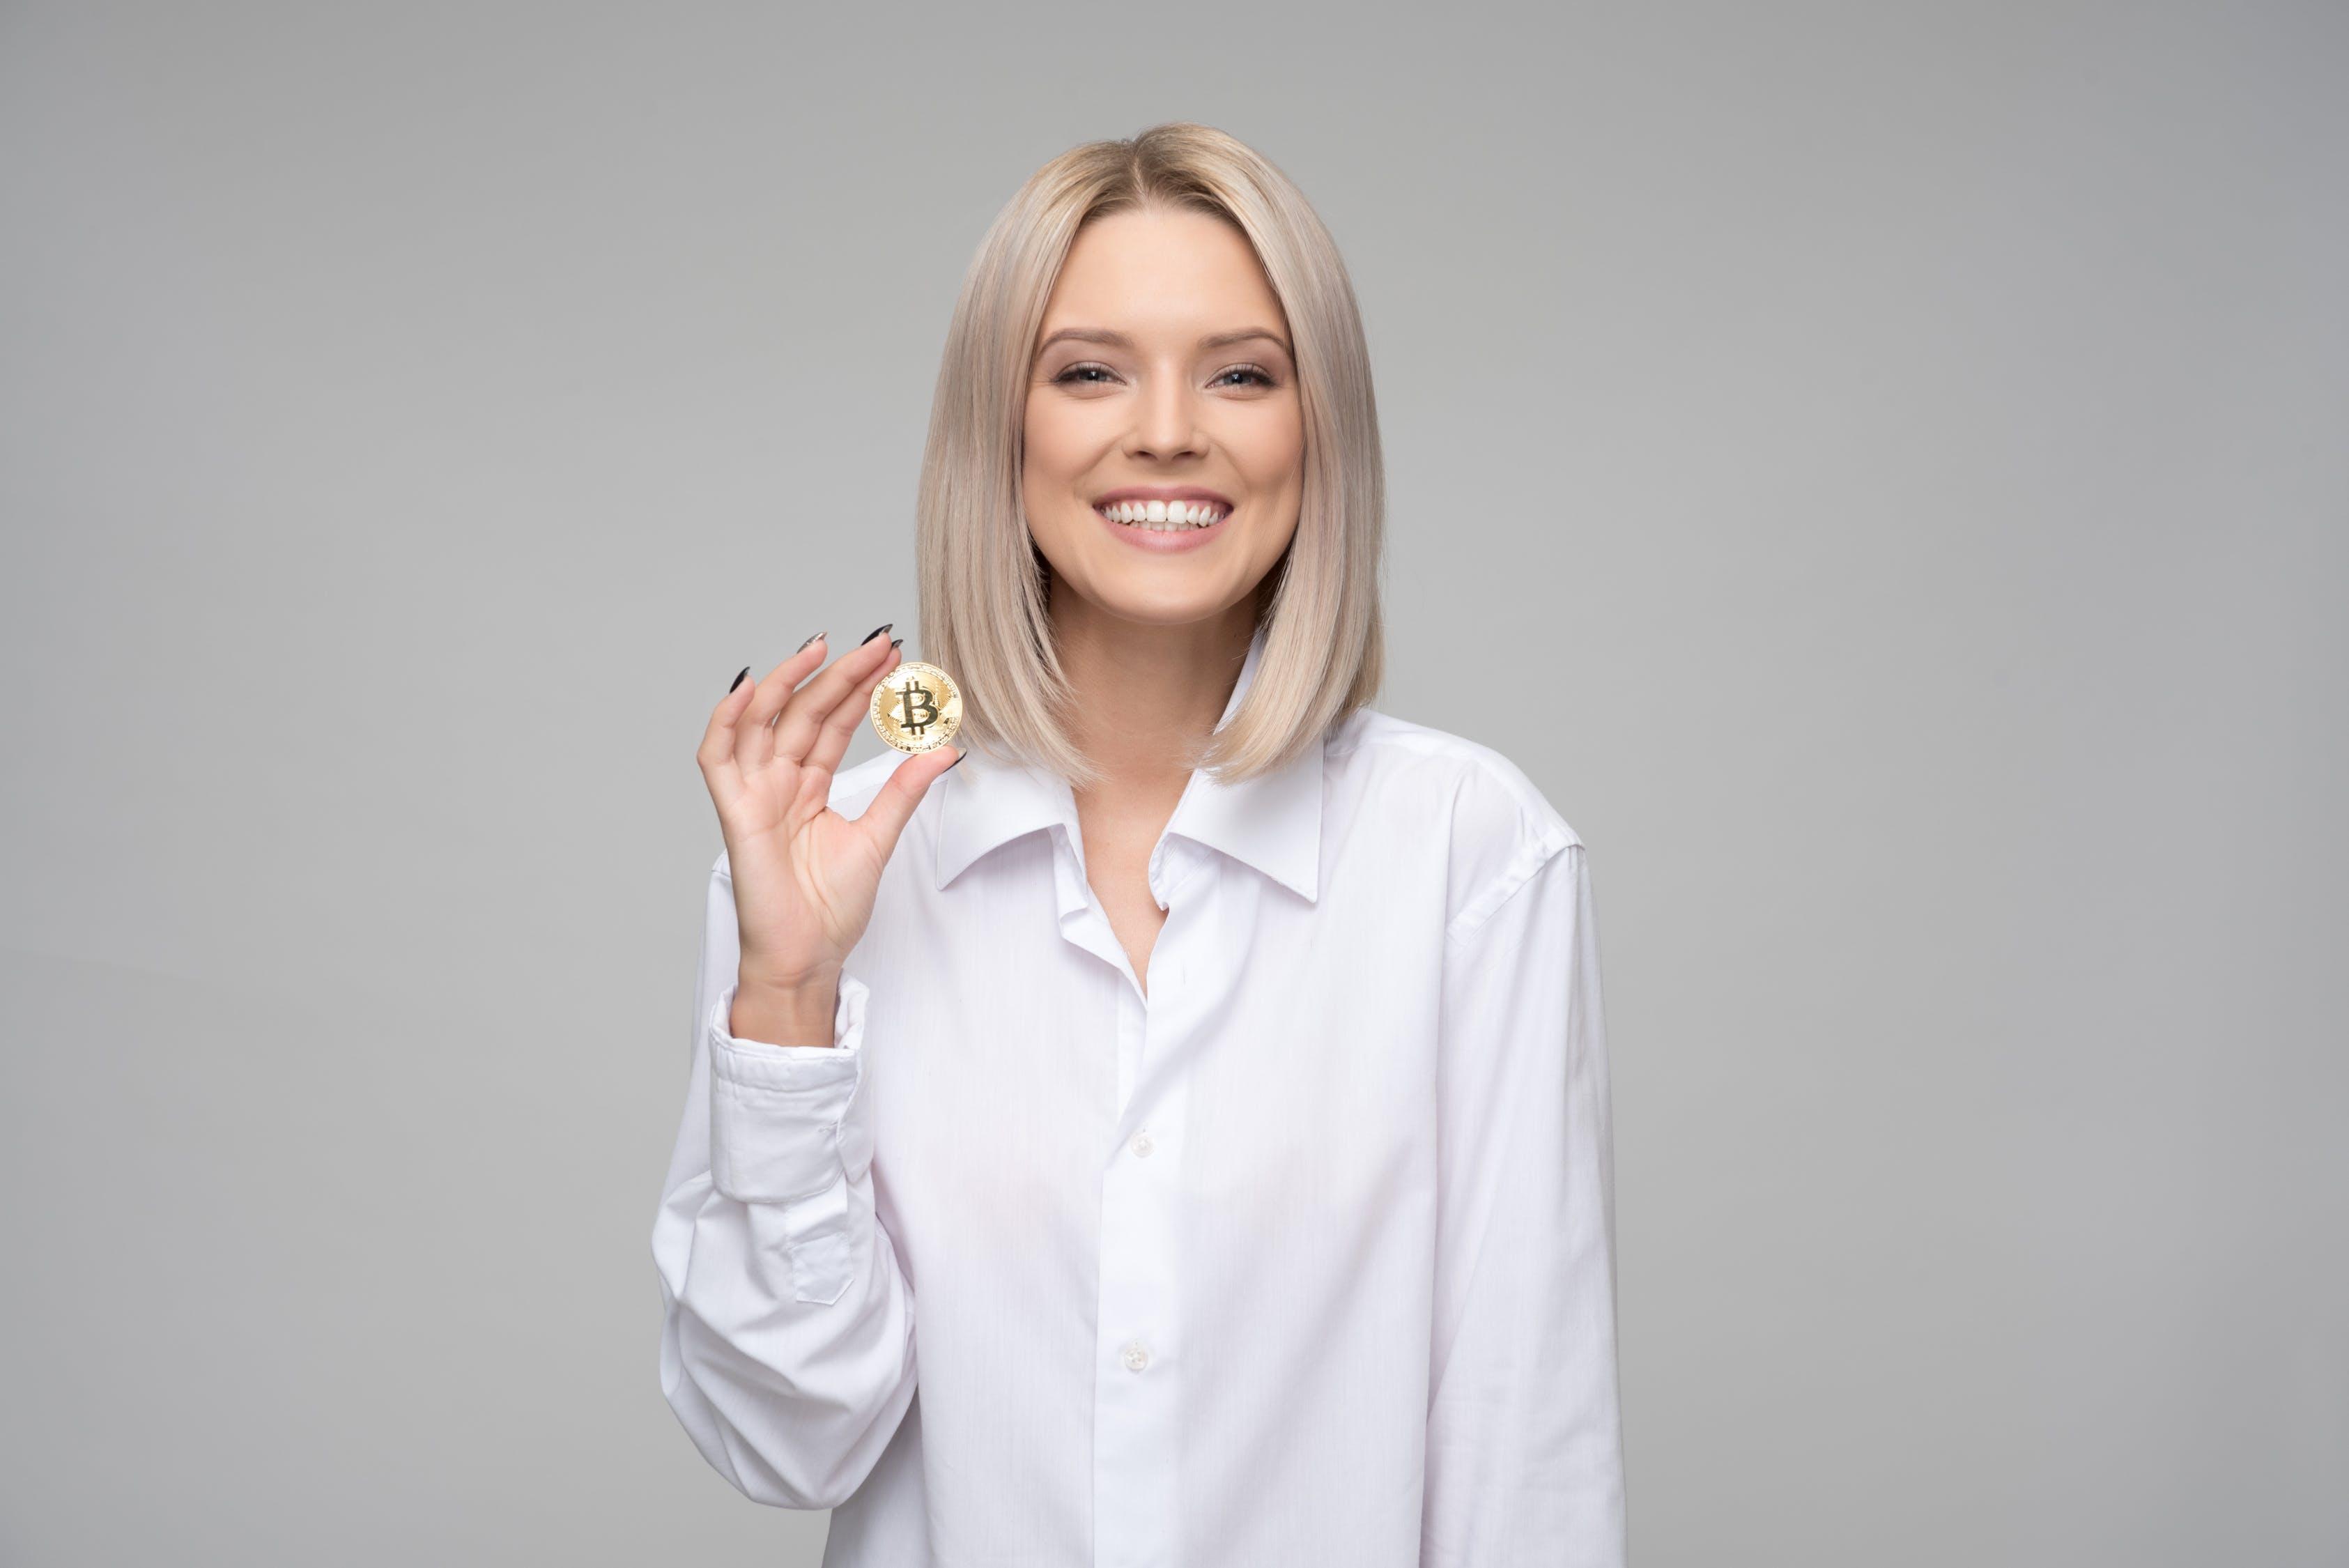 harga-bitcoin-hari-ini